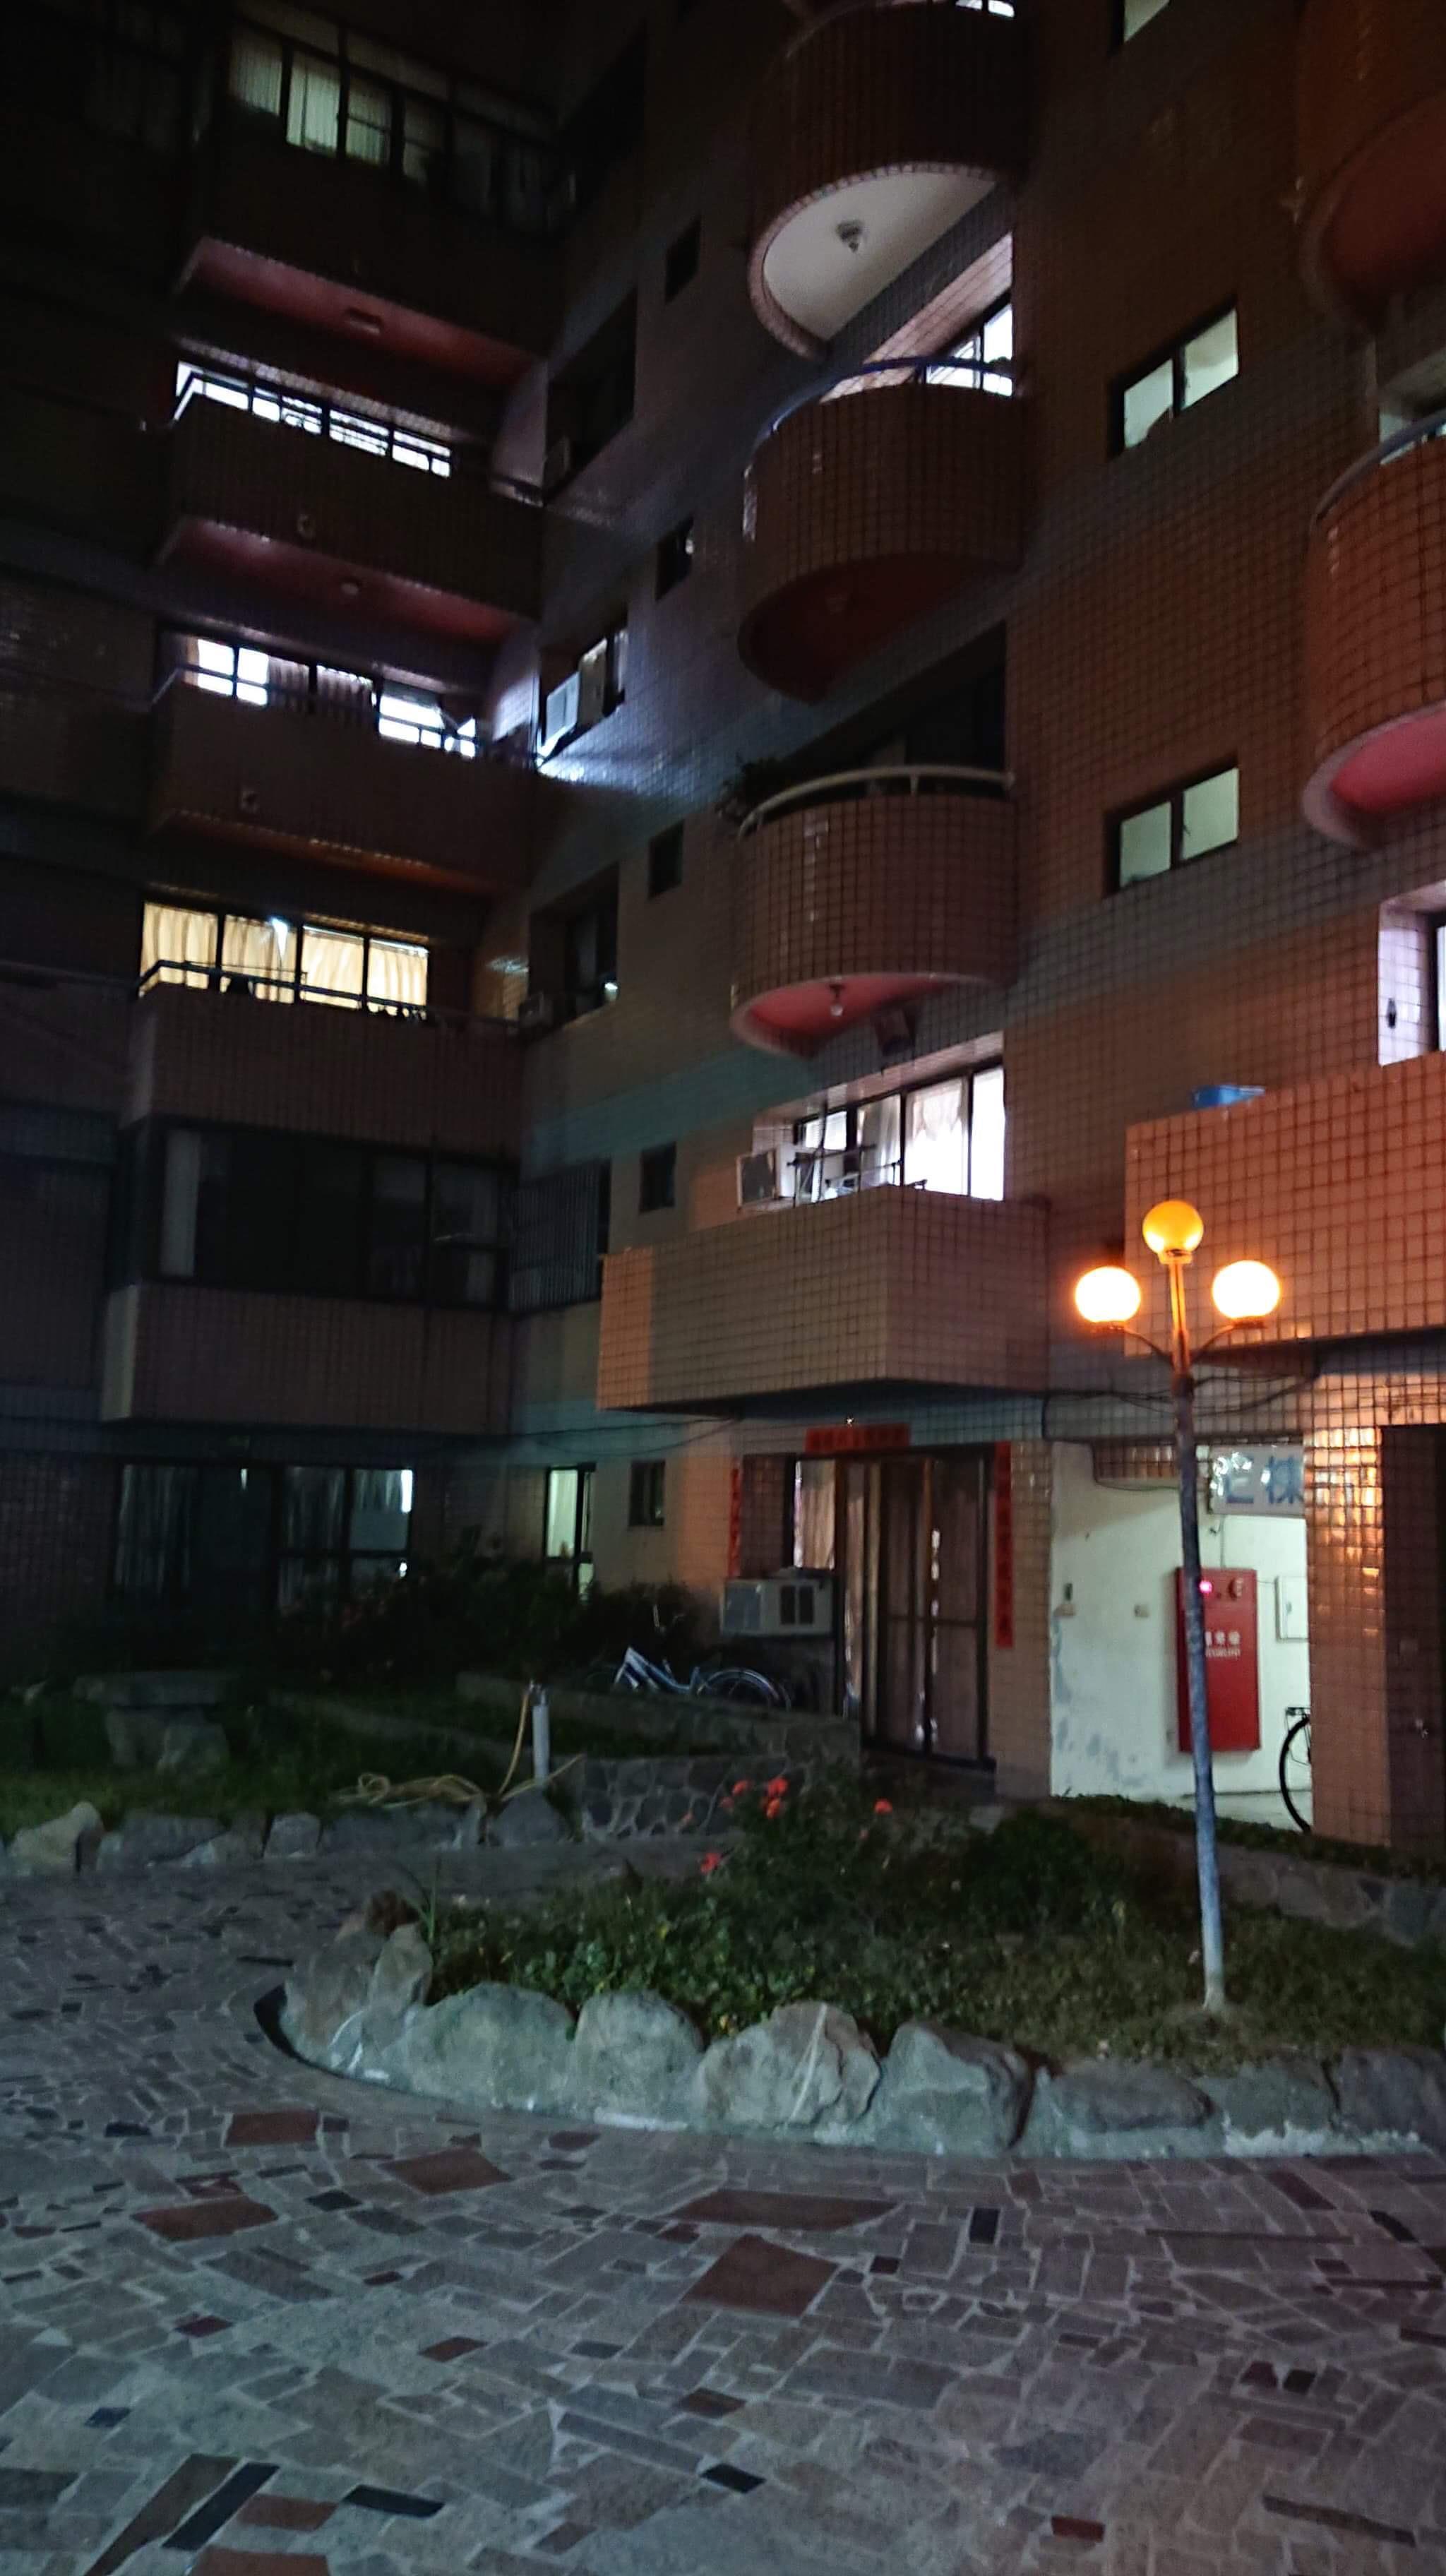 Khu chung cư tại thị trấn Lộc Cảng, nơi xảy ra sự việc.